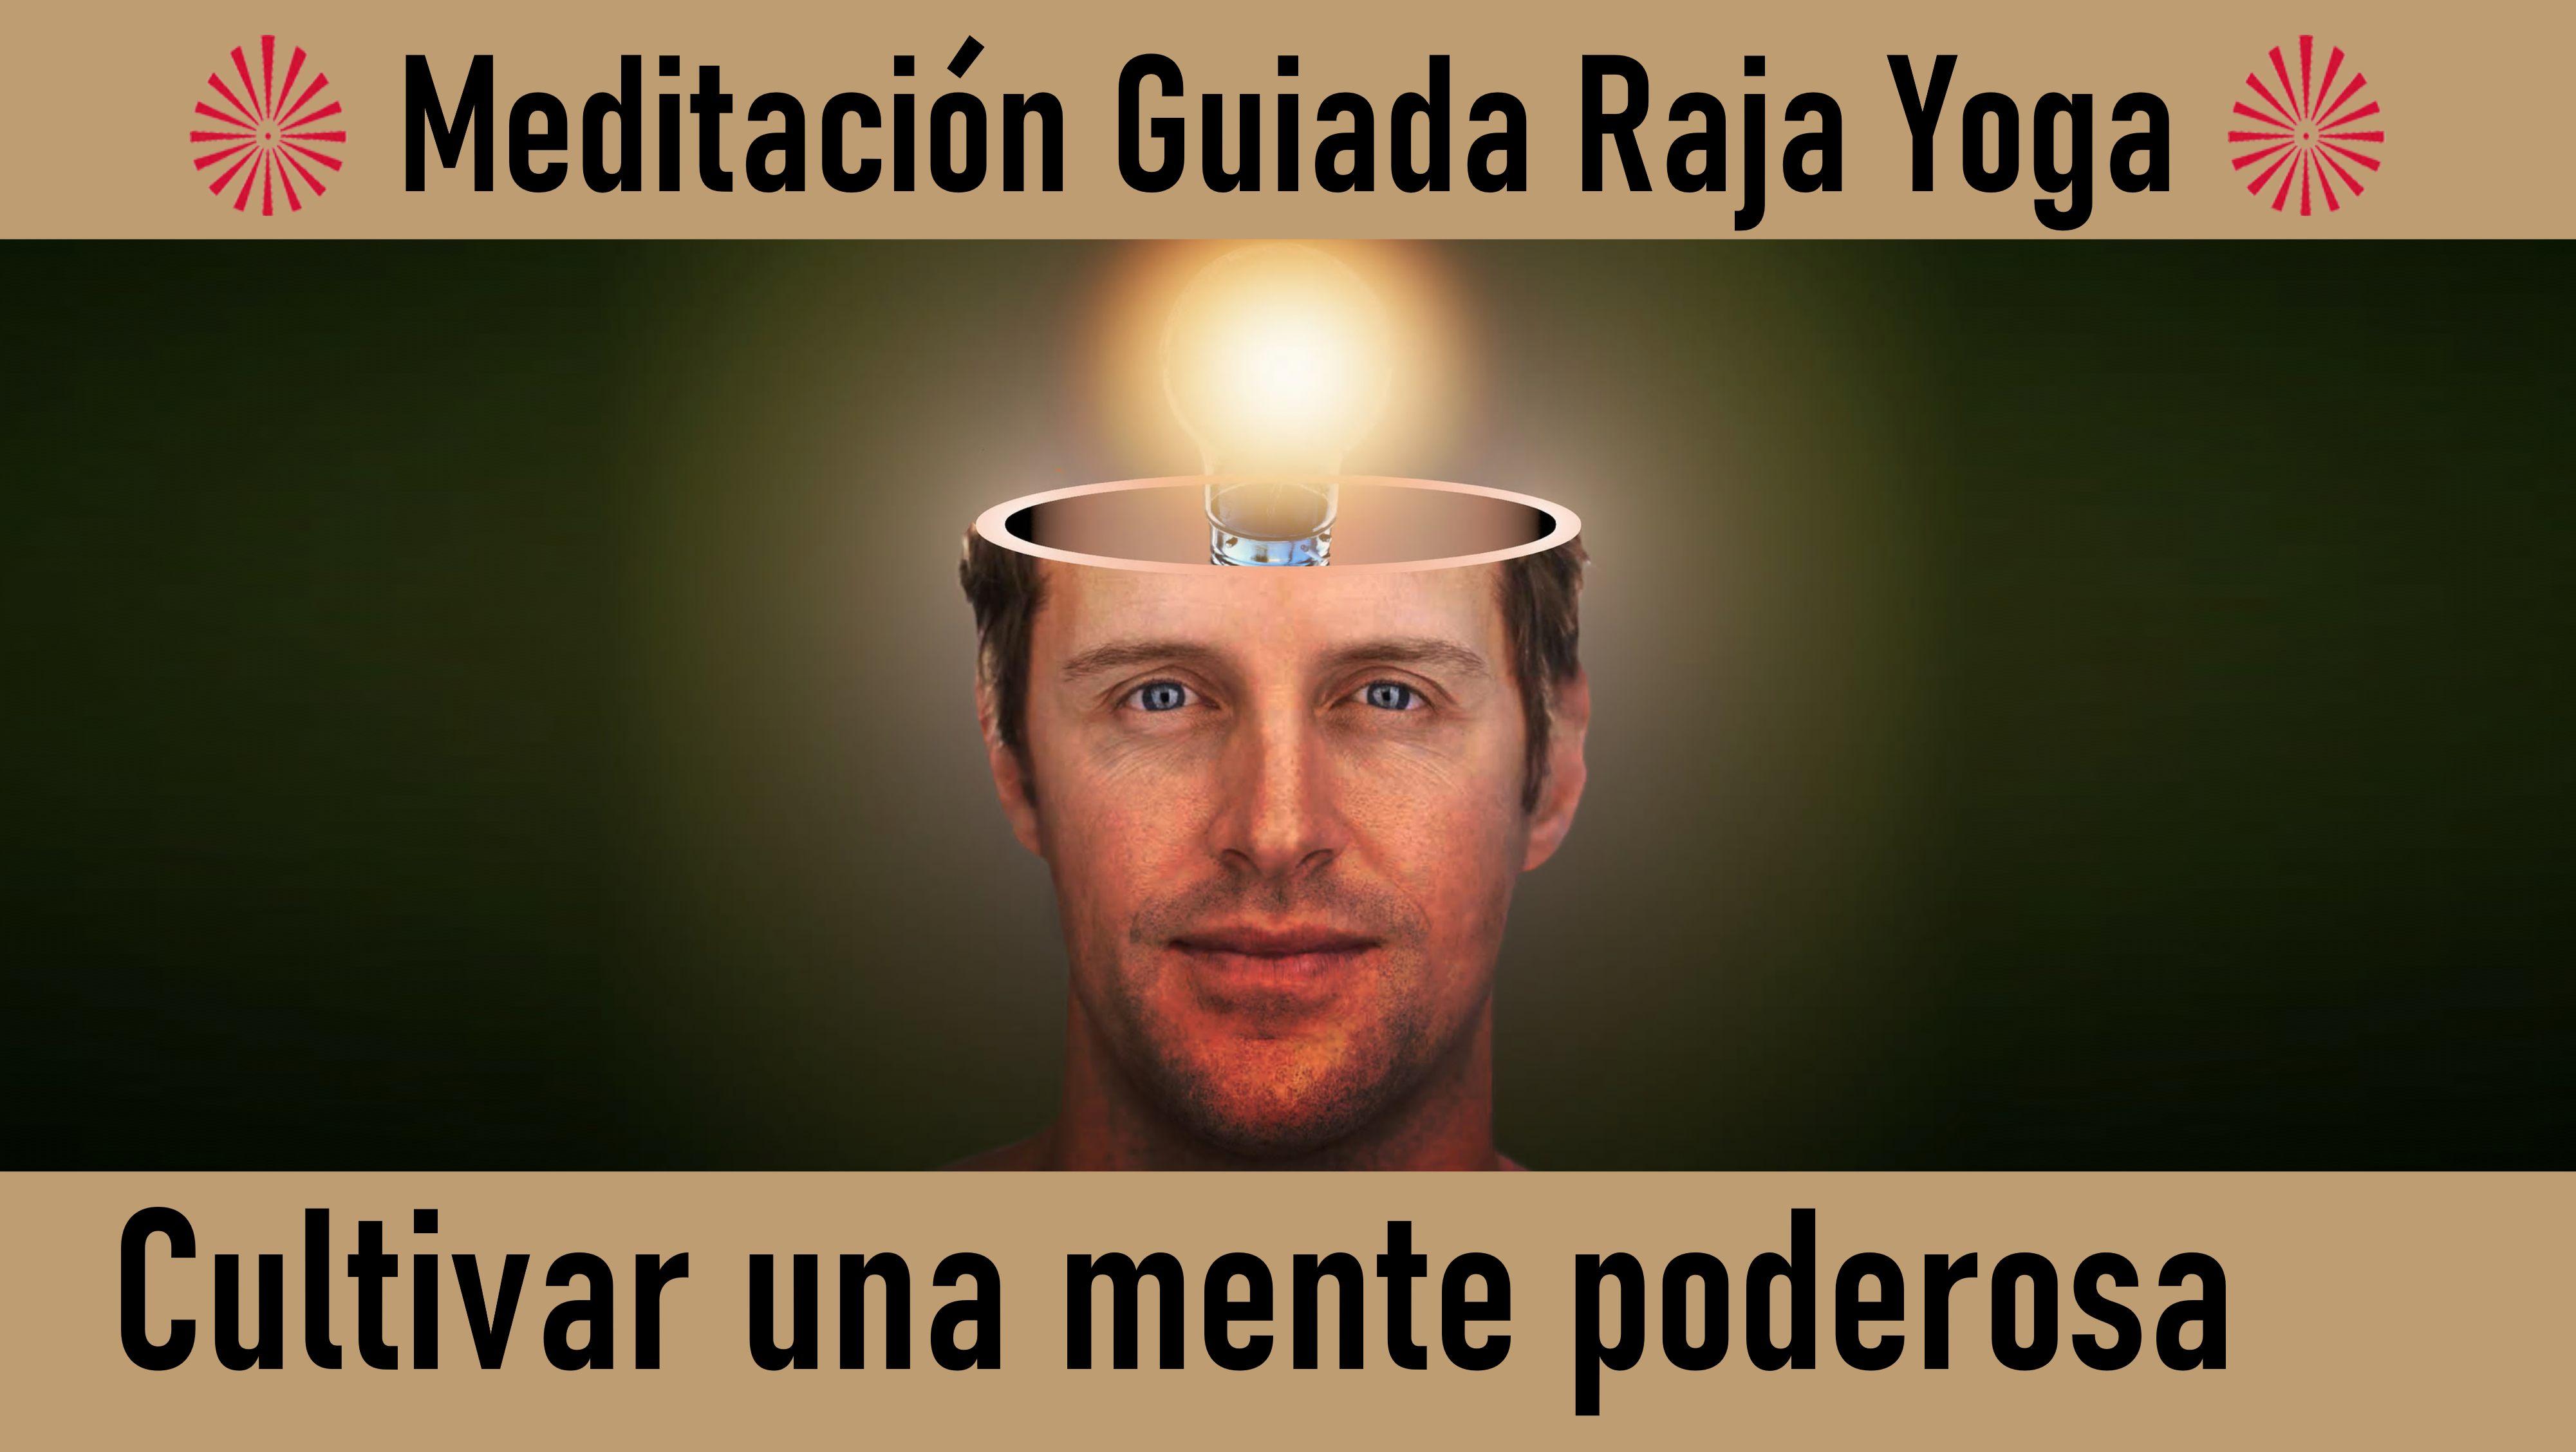 Meditación Raja Yoga: Cultivar una mente poderosa (15 Junio 2020) On-line desde Madrid